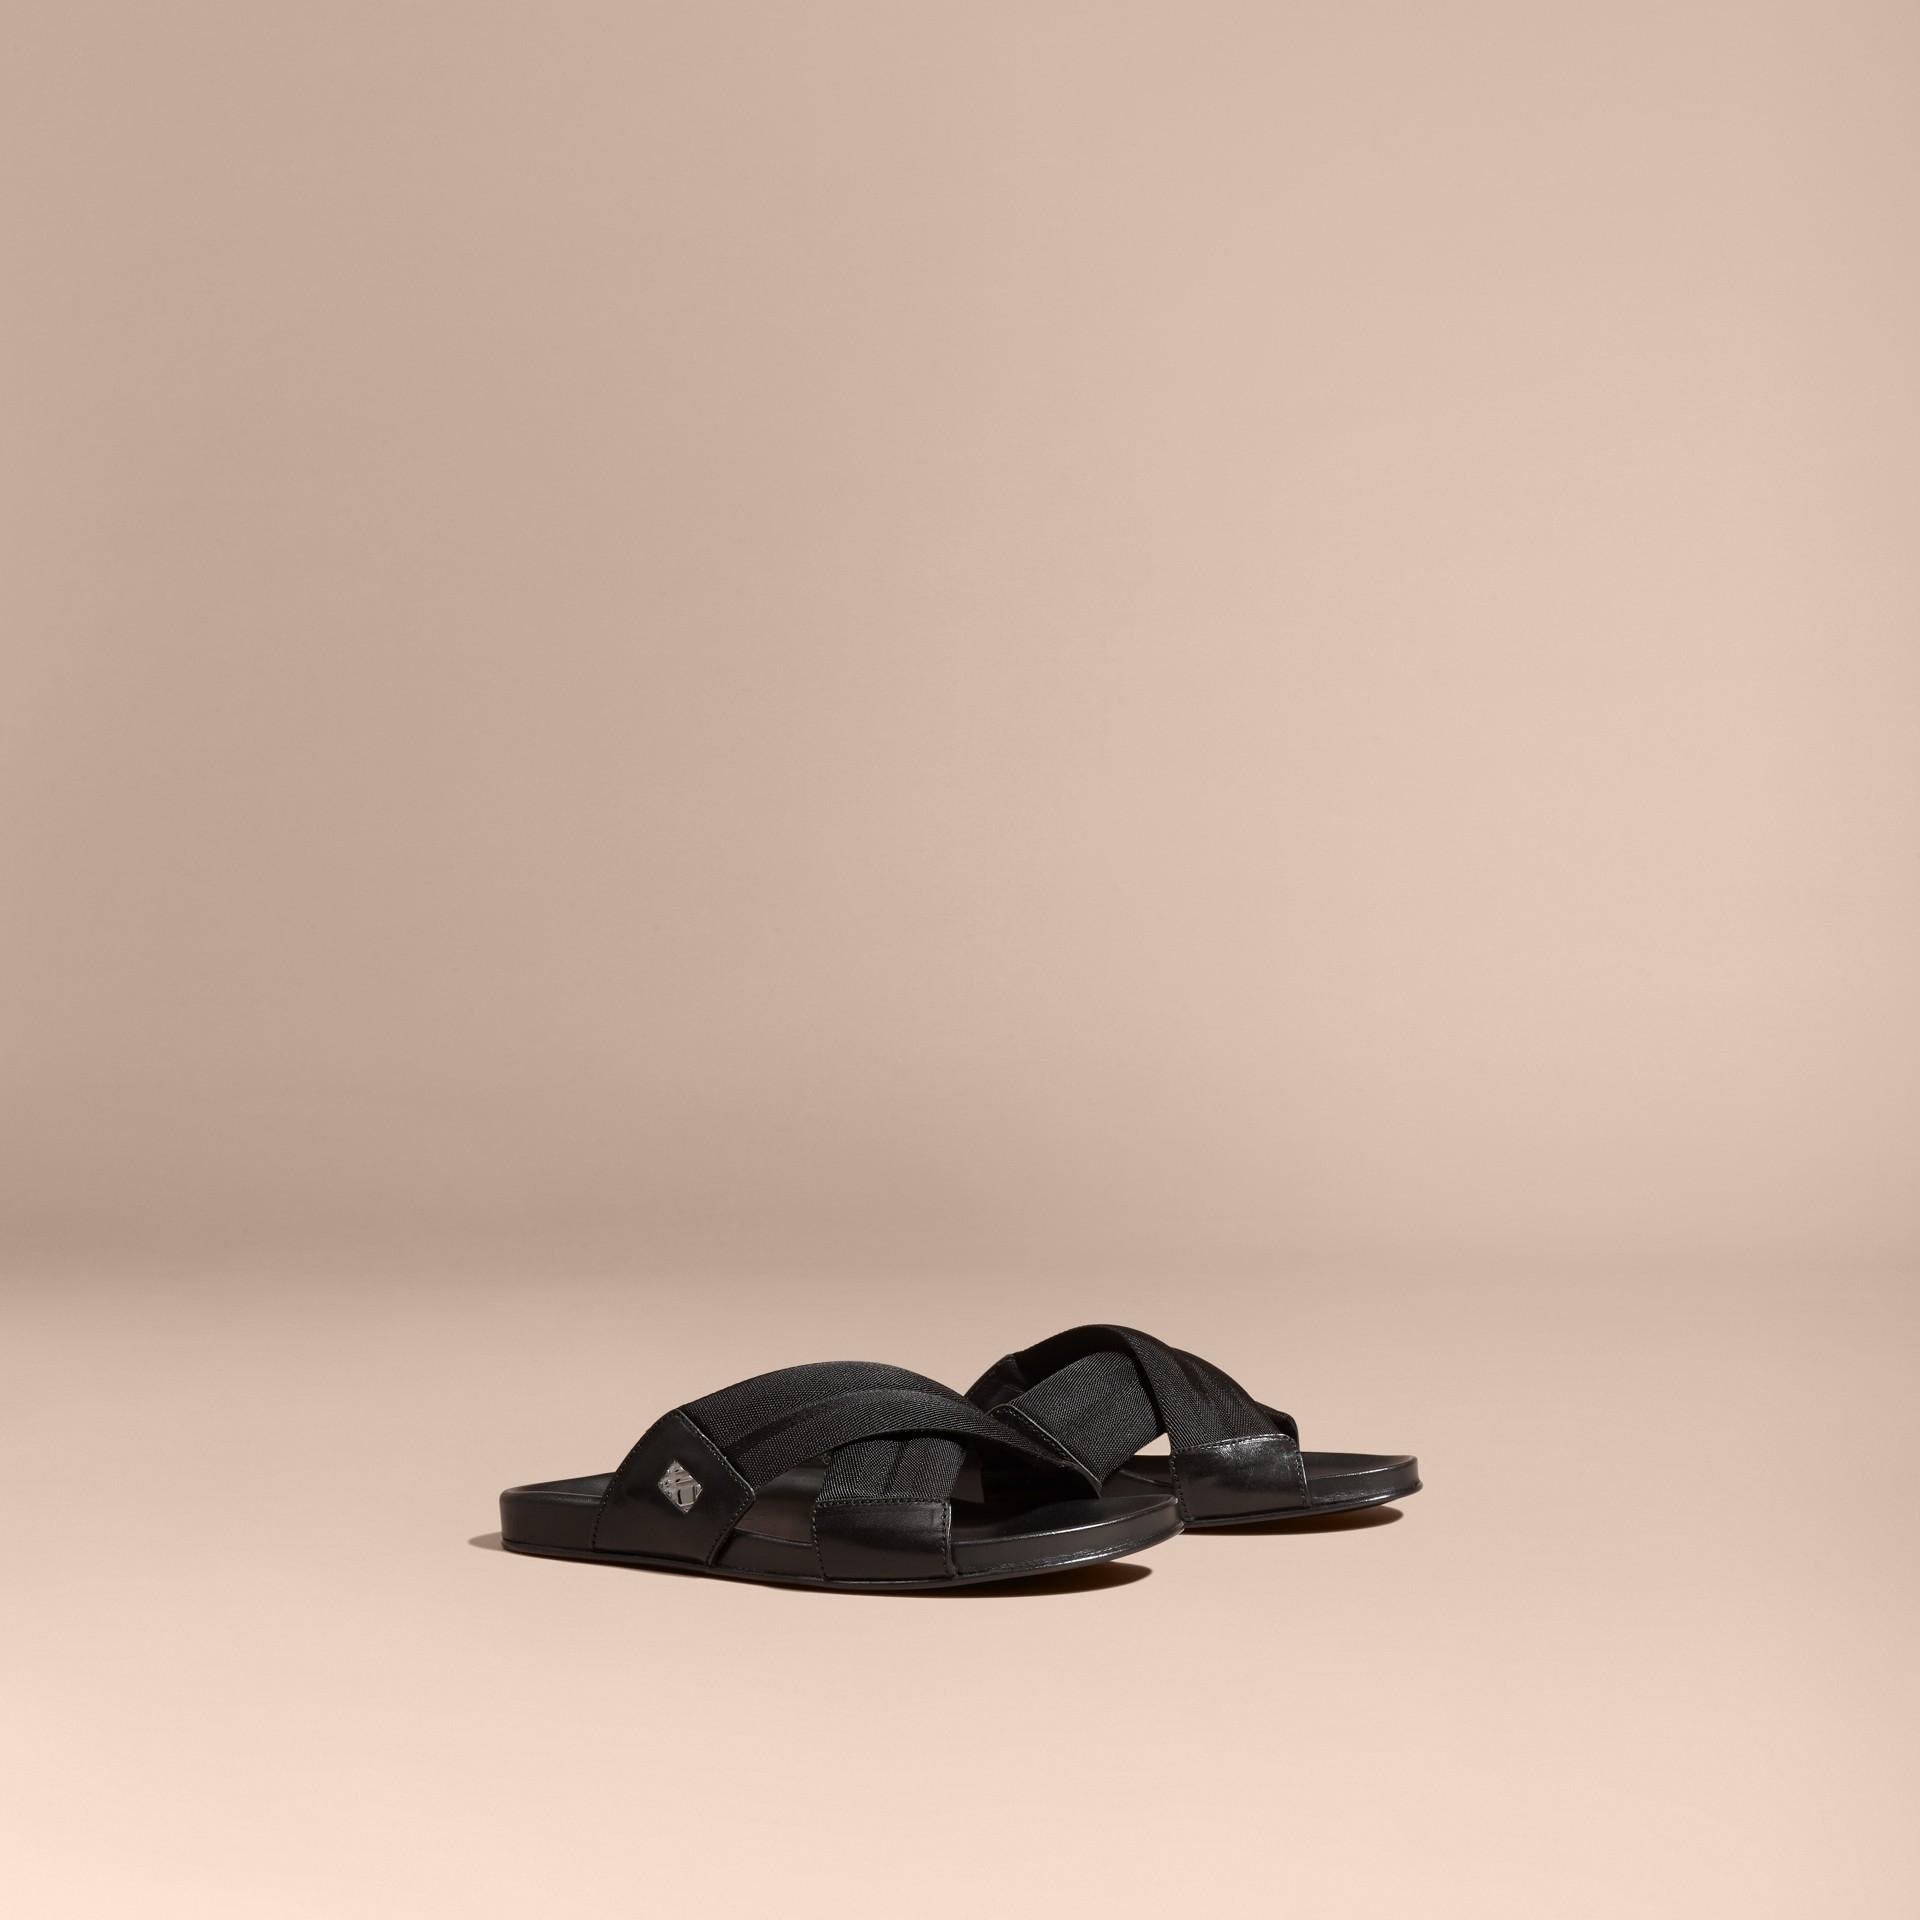 Nero Sandali in pelle e nastro tecnico con dettaglio check - immagine della galleria 1